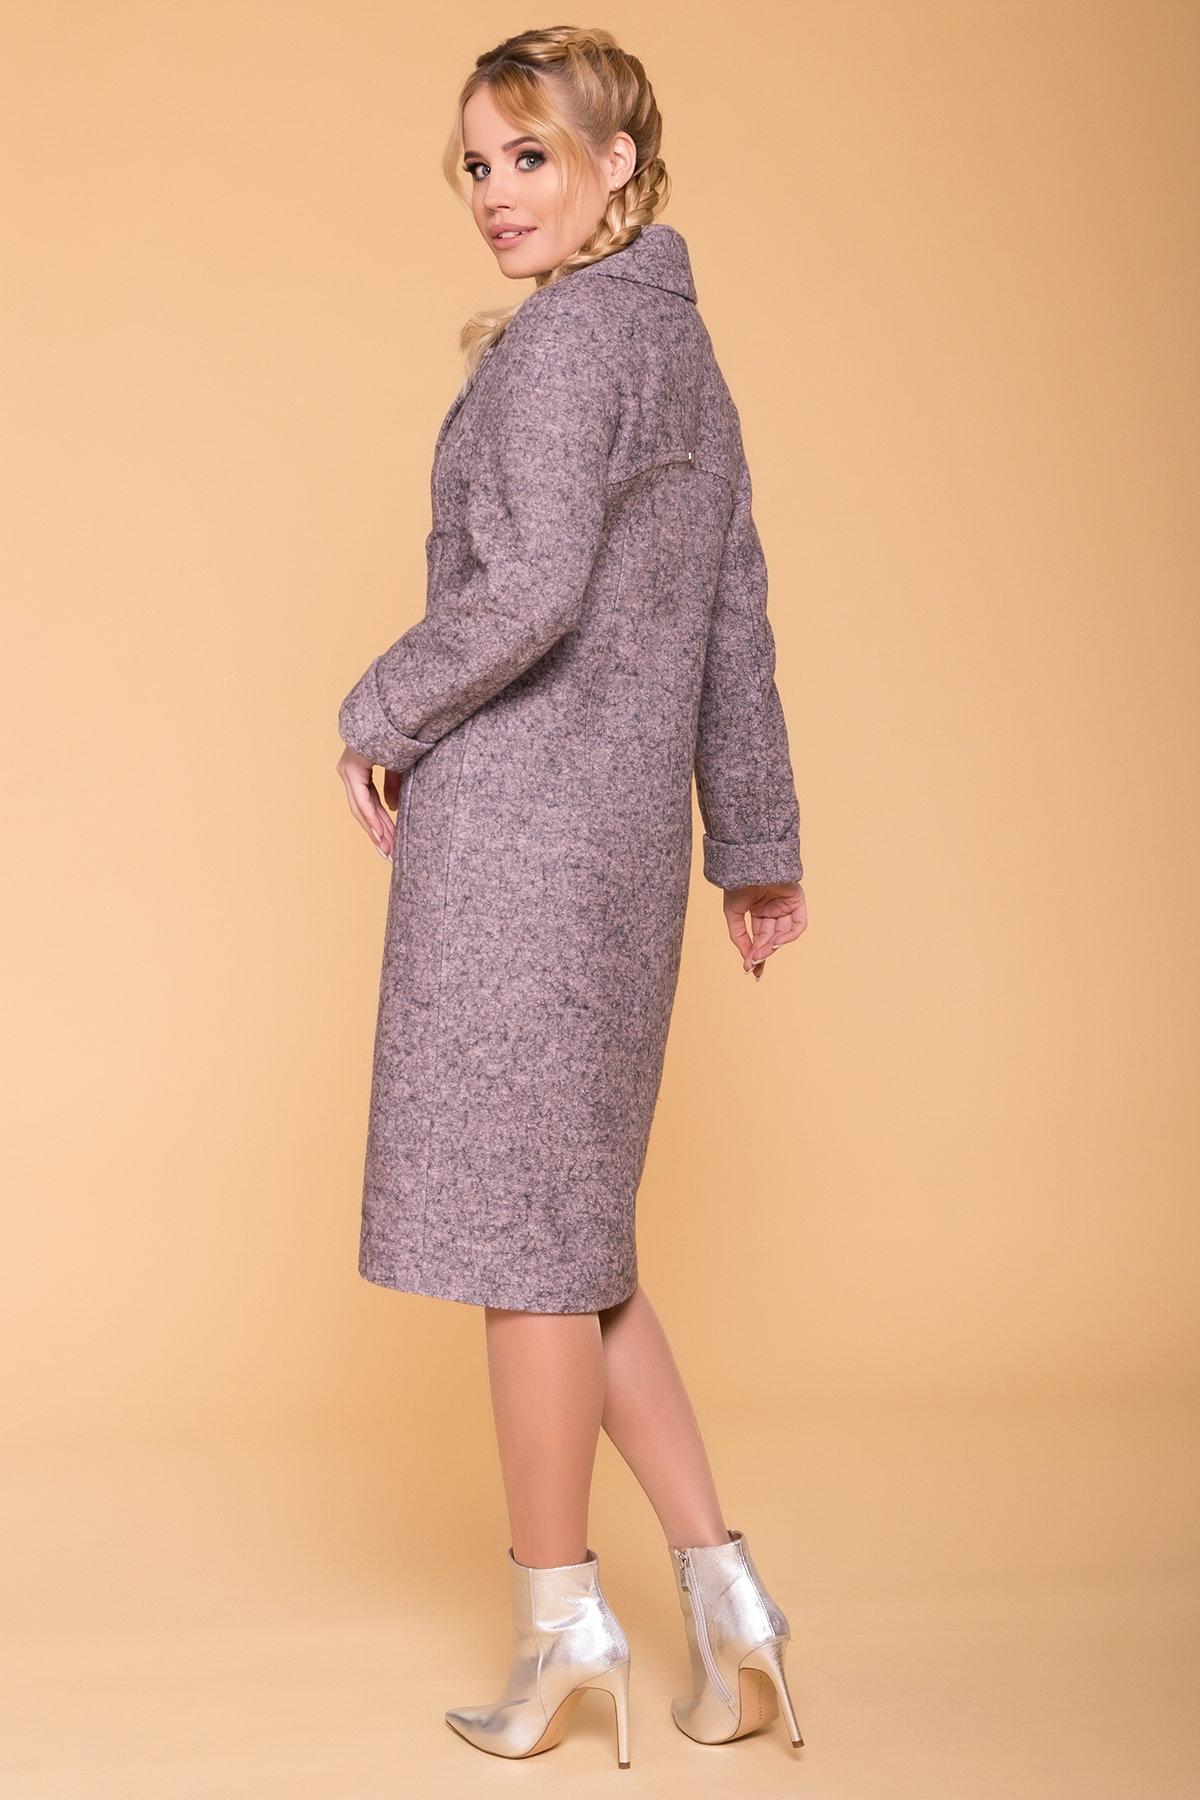 Пальто весна-осень c приспущенной линией плеча Фентези лайт 6365 АРТ. 41230 Цвет: Серо-розовый LW-25 - фото 6, интернет магазин tm-modus.ru